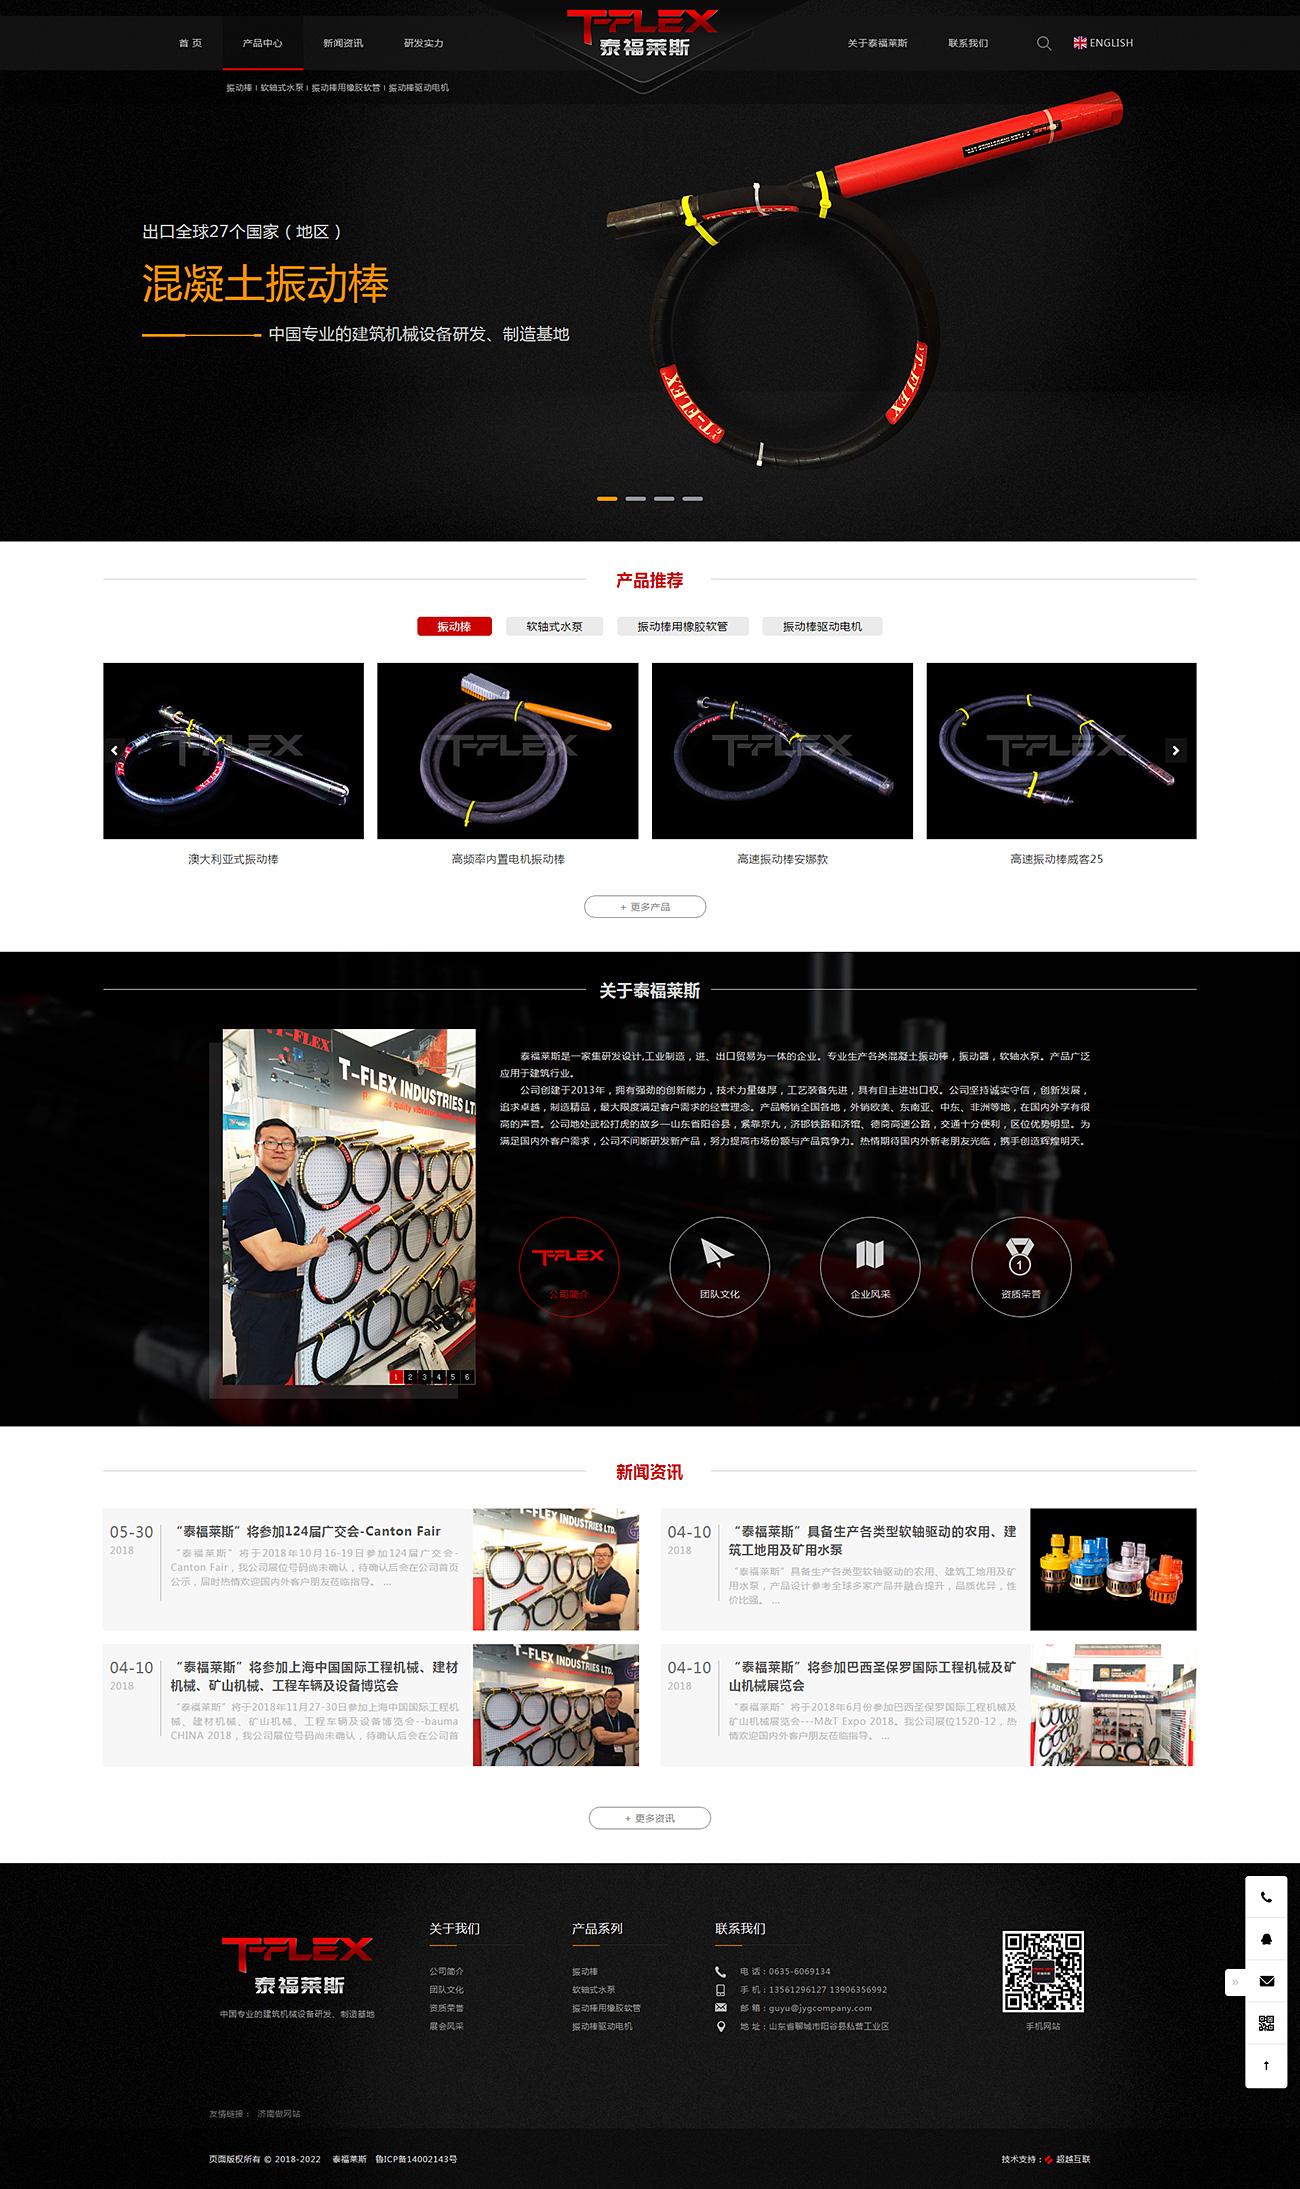 聊城网站建设